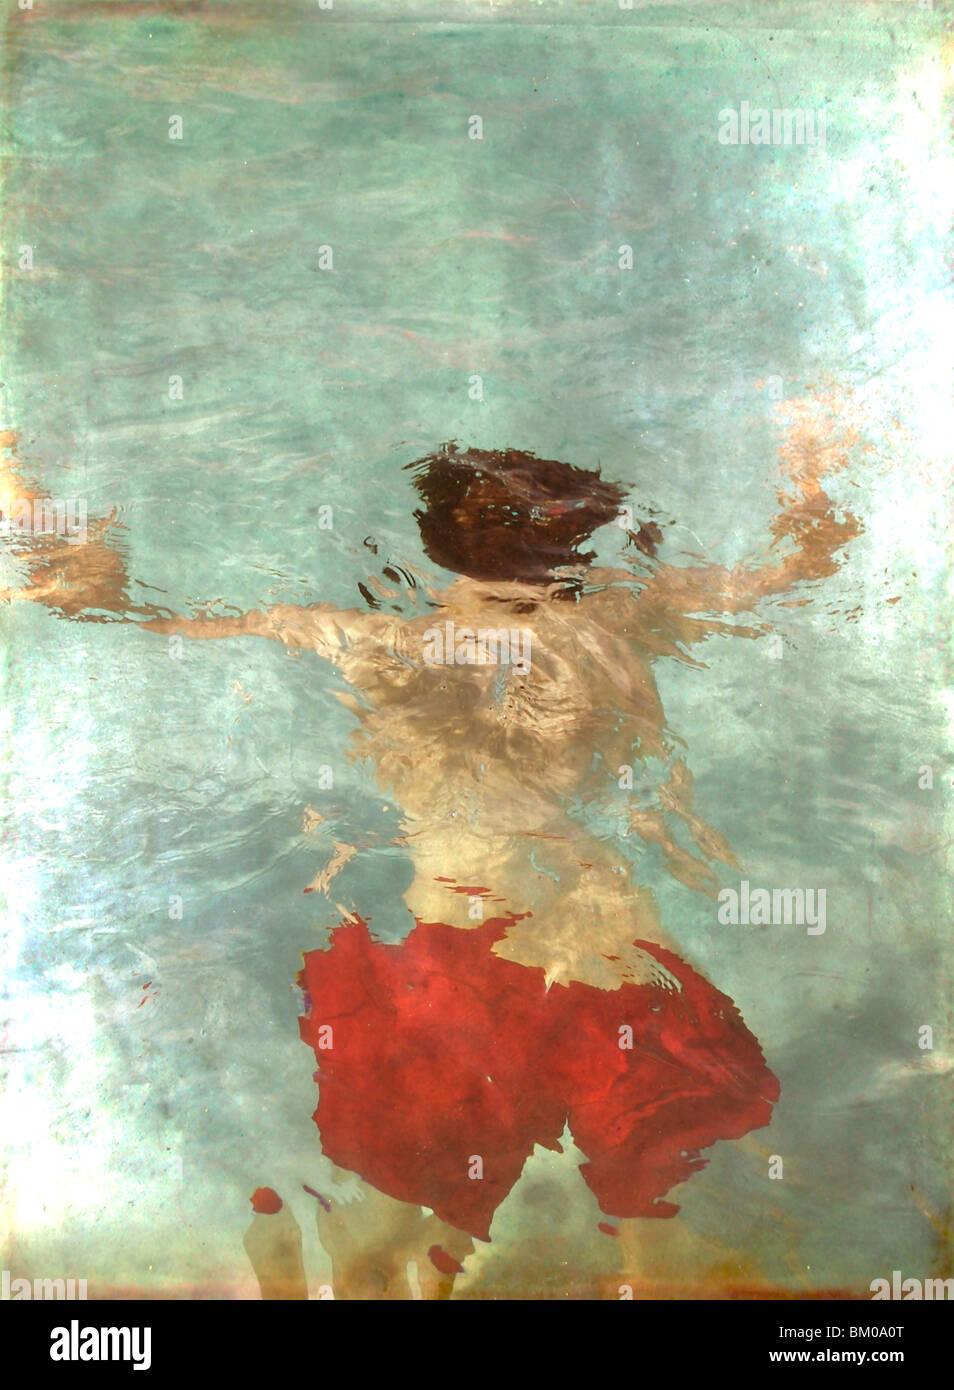 Ein Teenager, Gesicht nach unten in einen Swimmingpool tragen rote Shorts schweben Stockbild